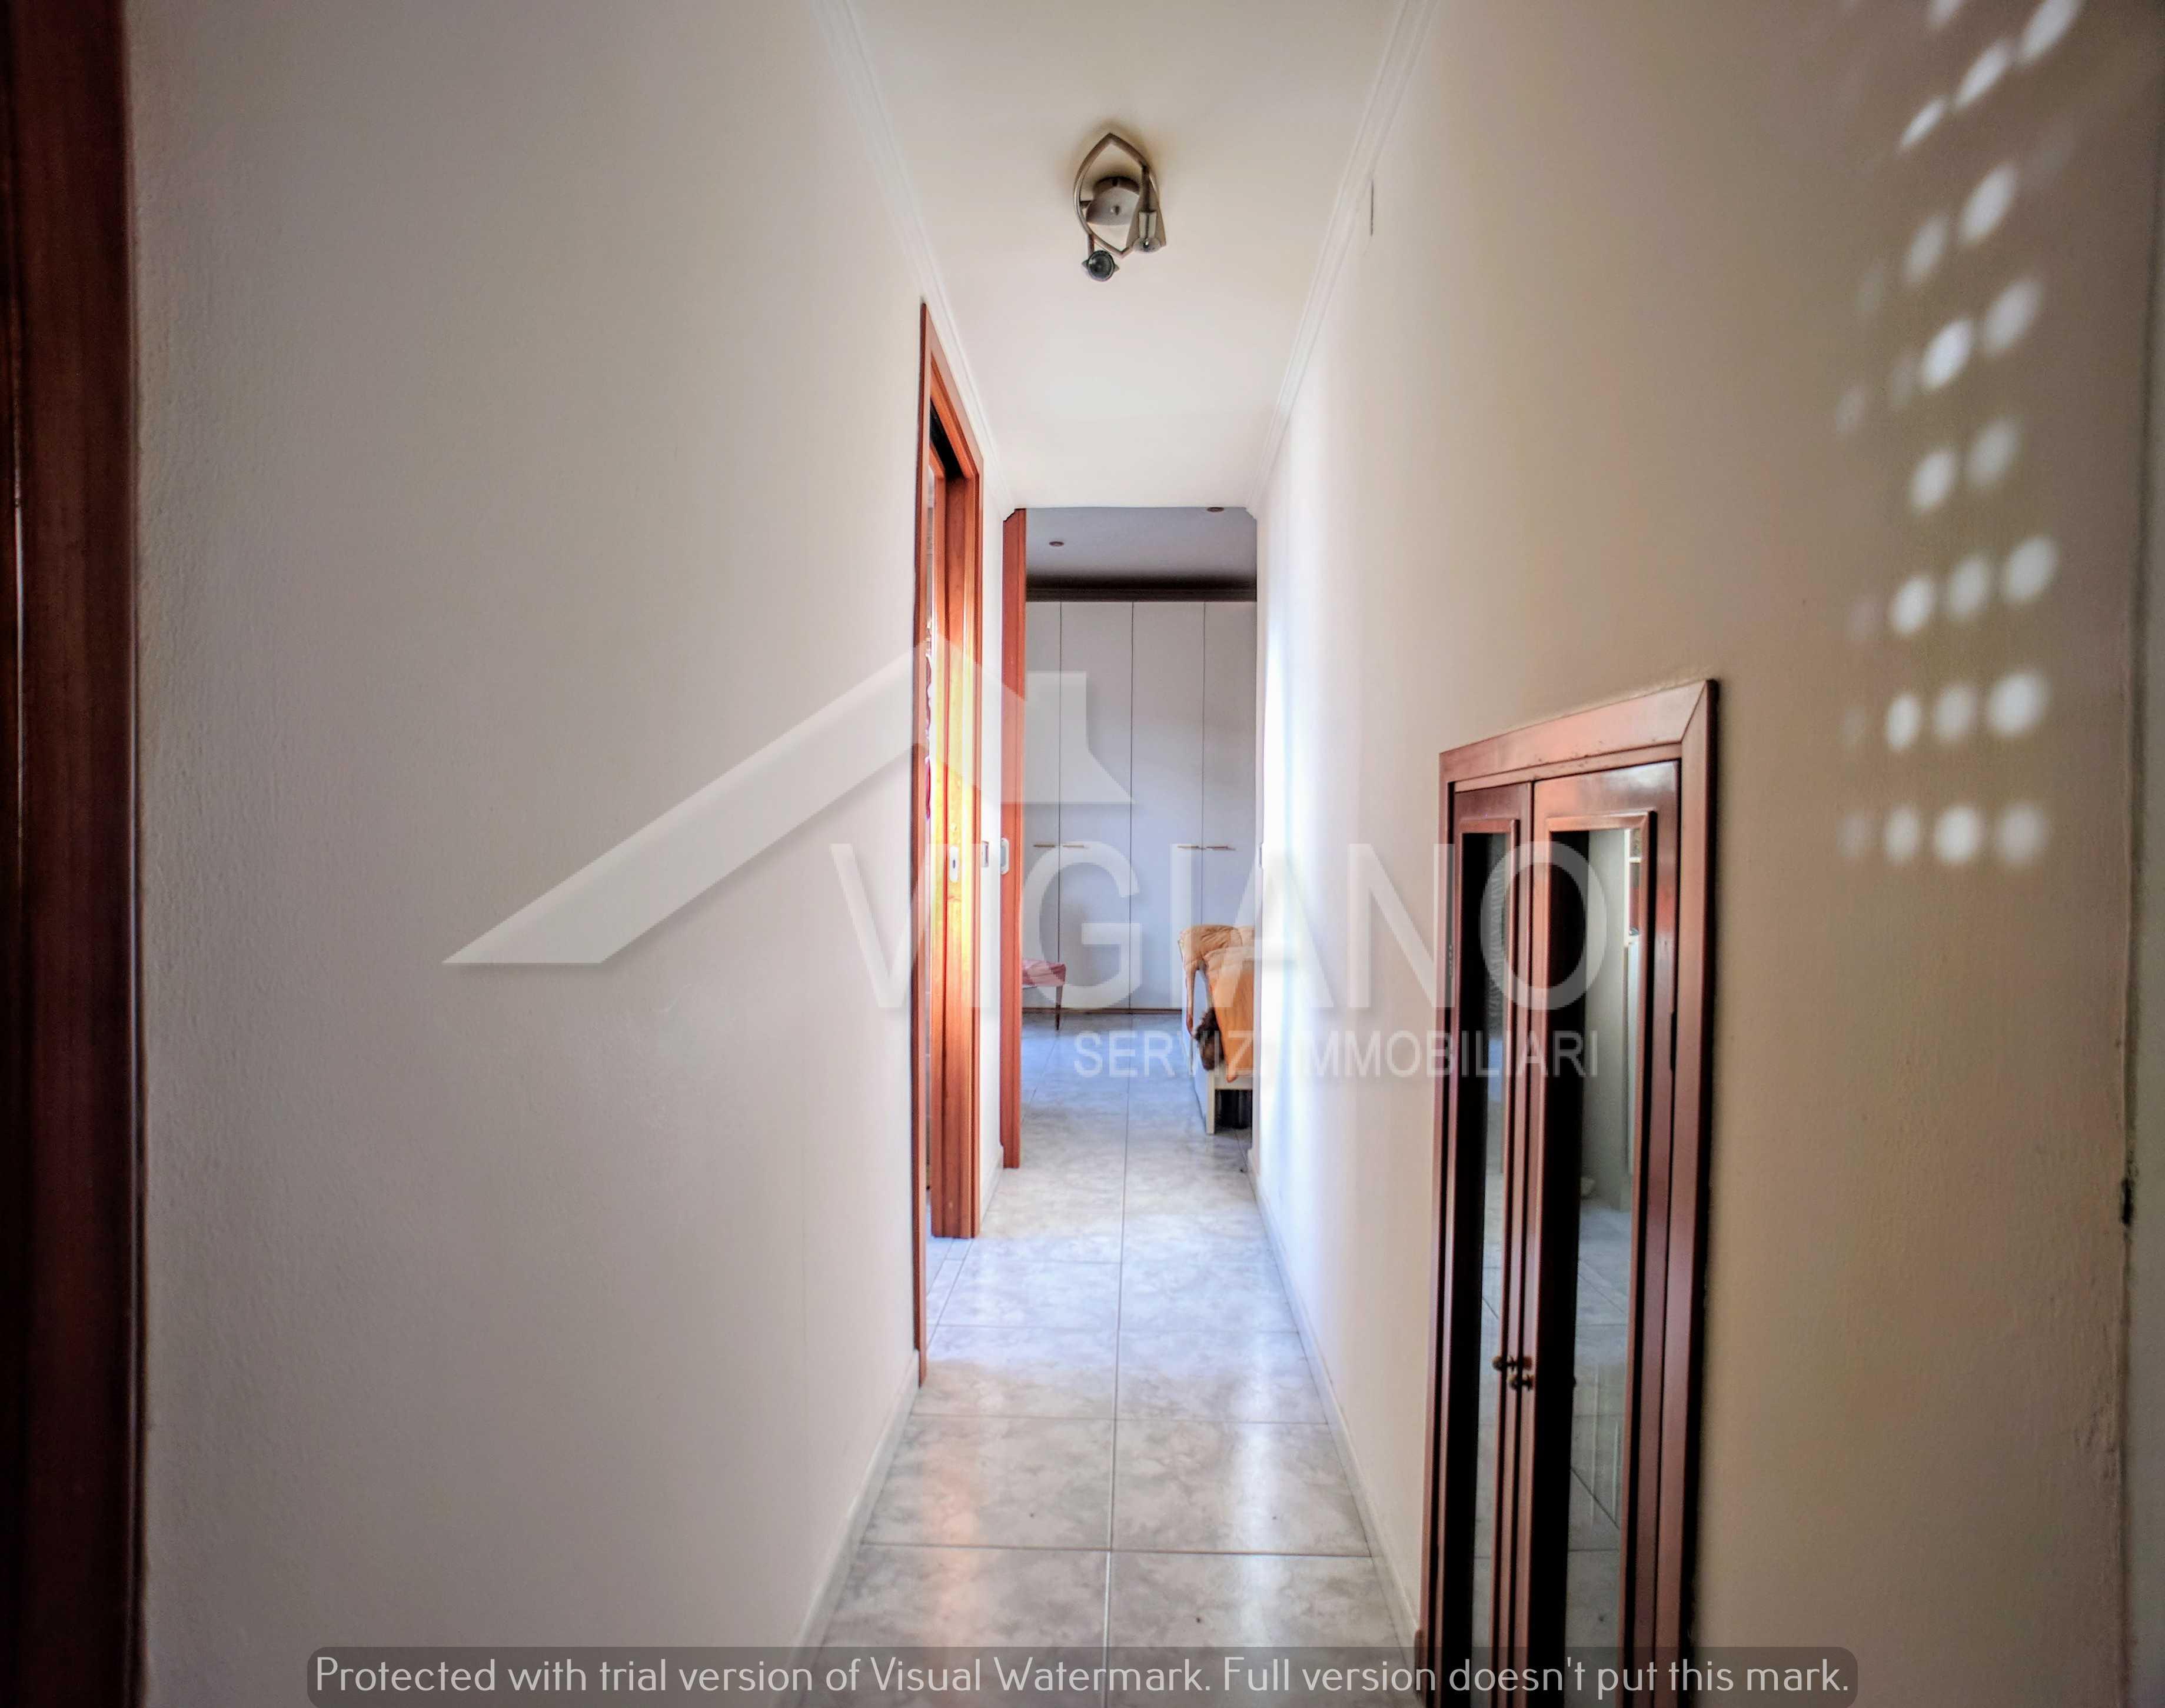 Via dogana dei sali case ed immobili foggia e provincia - Classe immobile ...